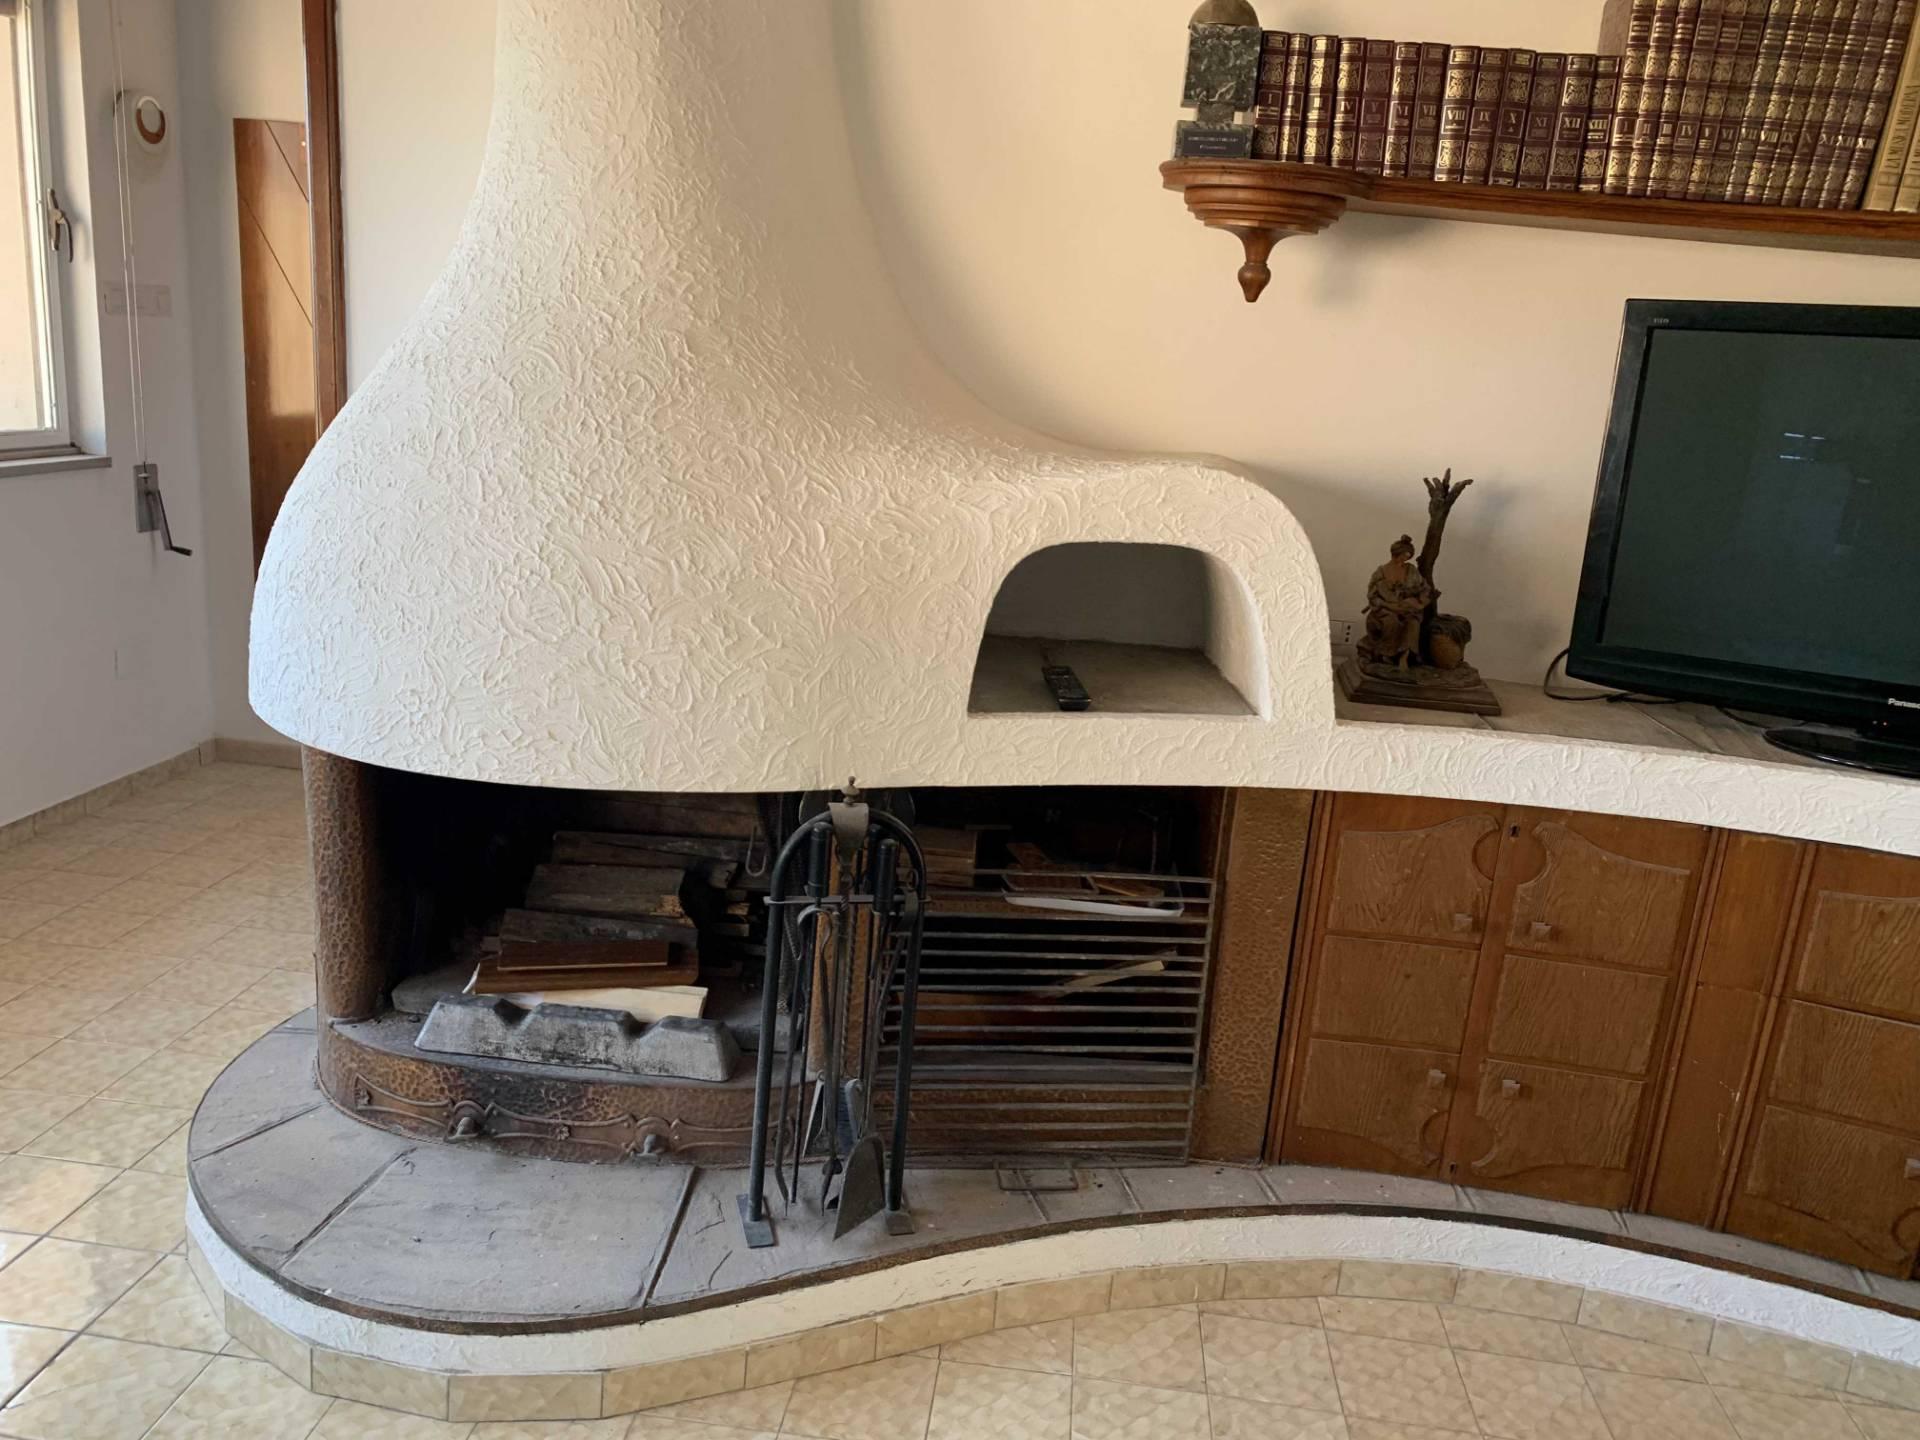 Appartamento CATANIA affitto  Zona di prestigio  Studio Catania Centro sas di Corallo Gaetana & C